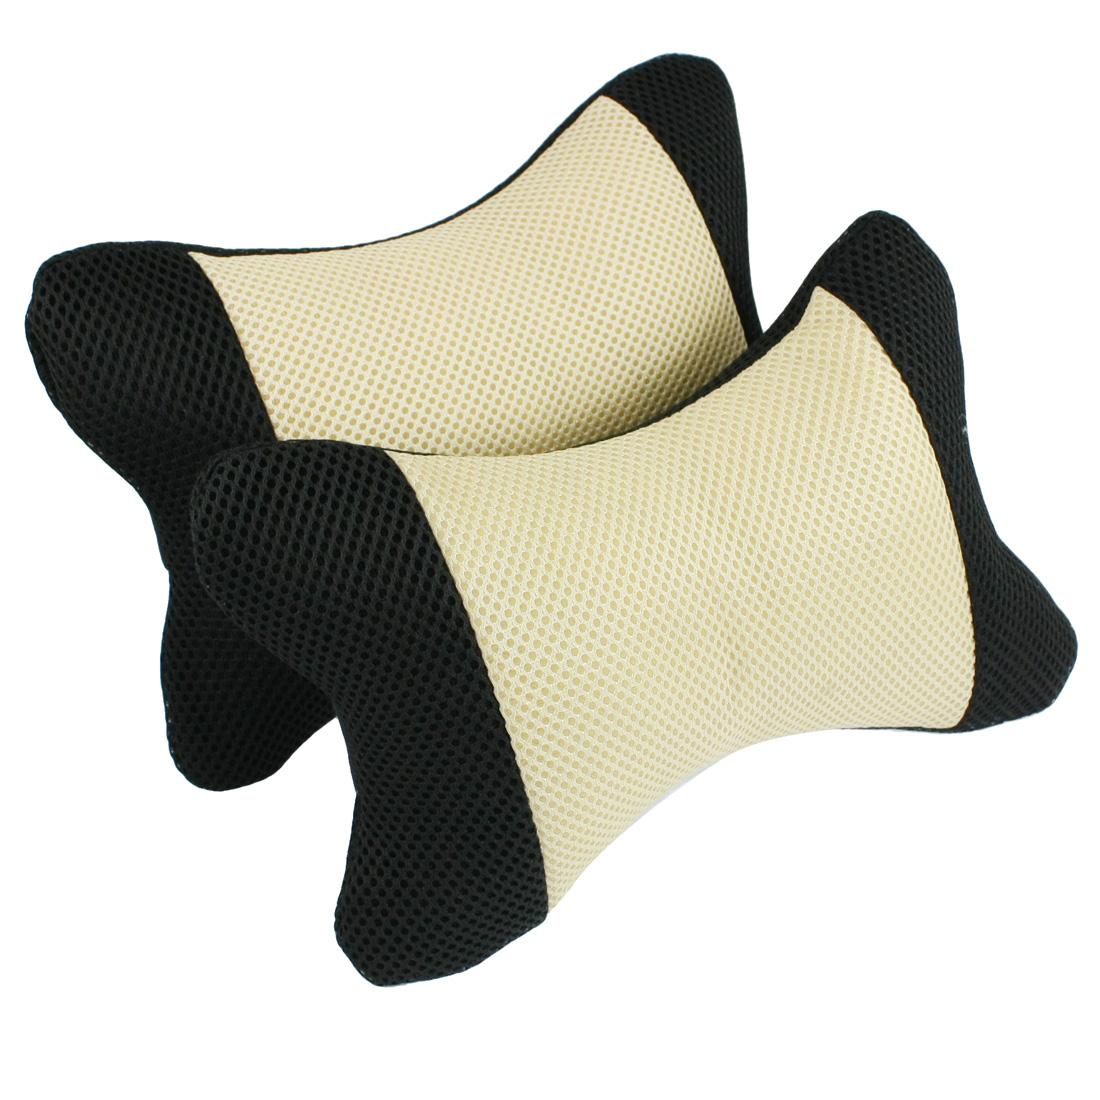 2 Pcs Black Beige Bone Shaped Head Neck Pillow for Car Auto Vehicle